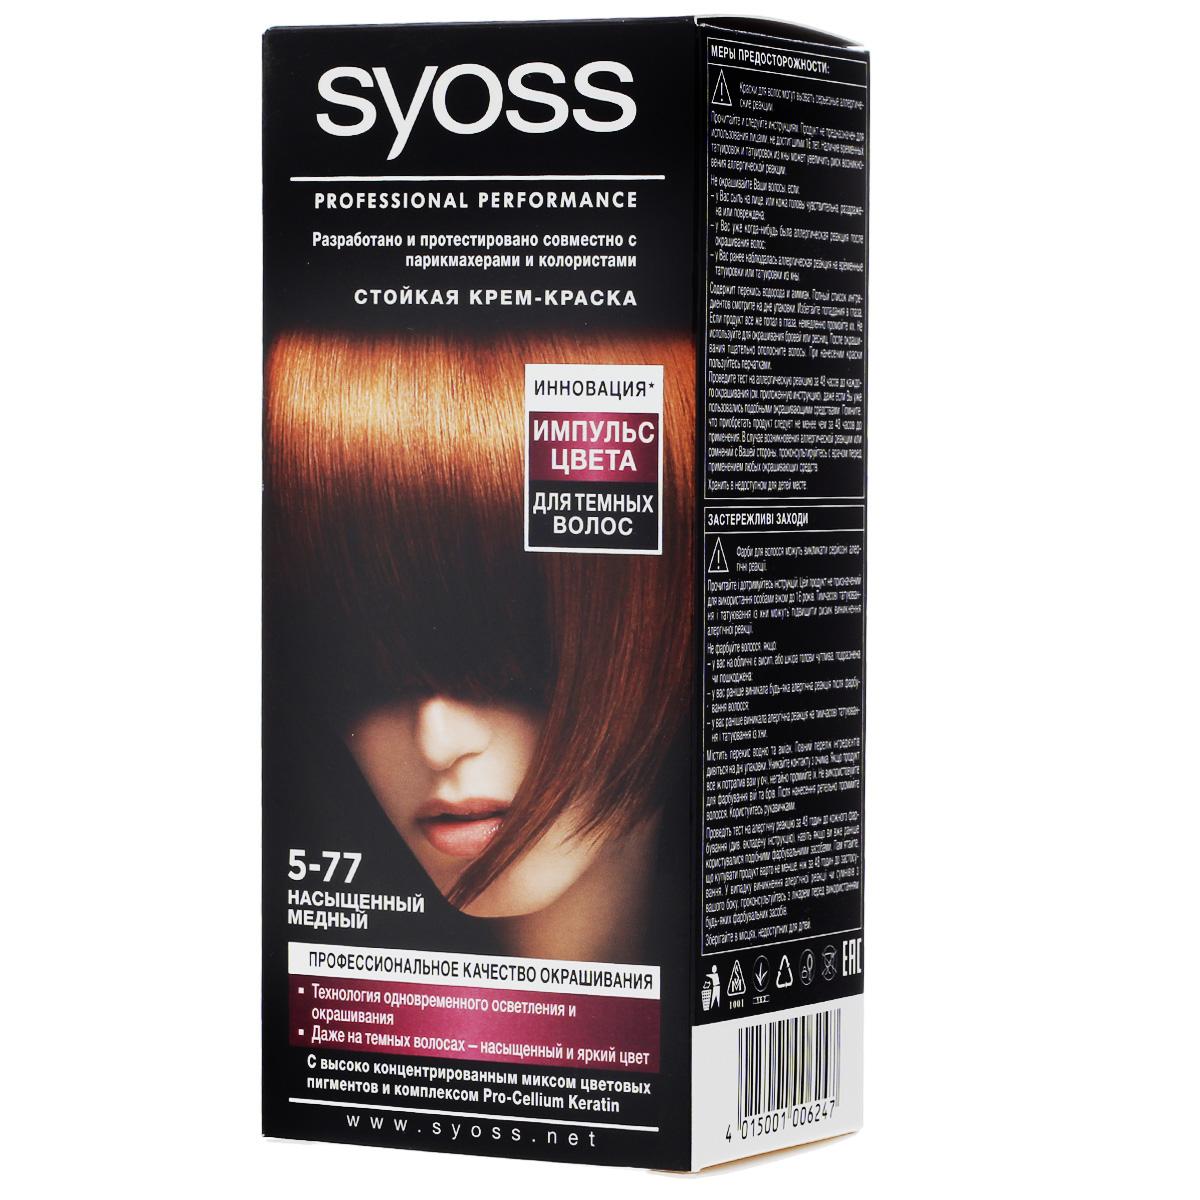 Syoss Color Краска для волос оттенок 5-77 Импульс цвета Насыщенный медный, 115 мл9393603577